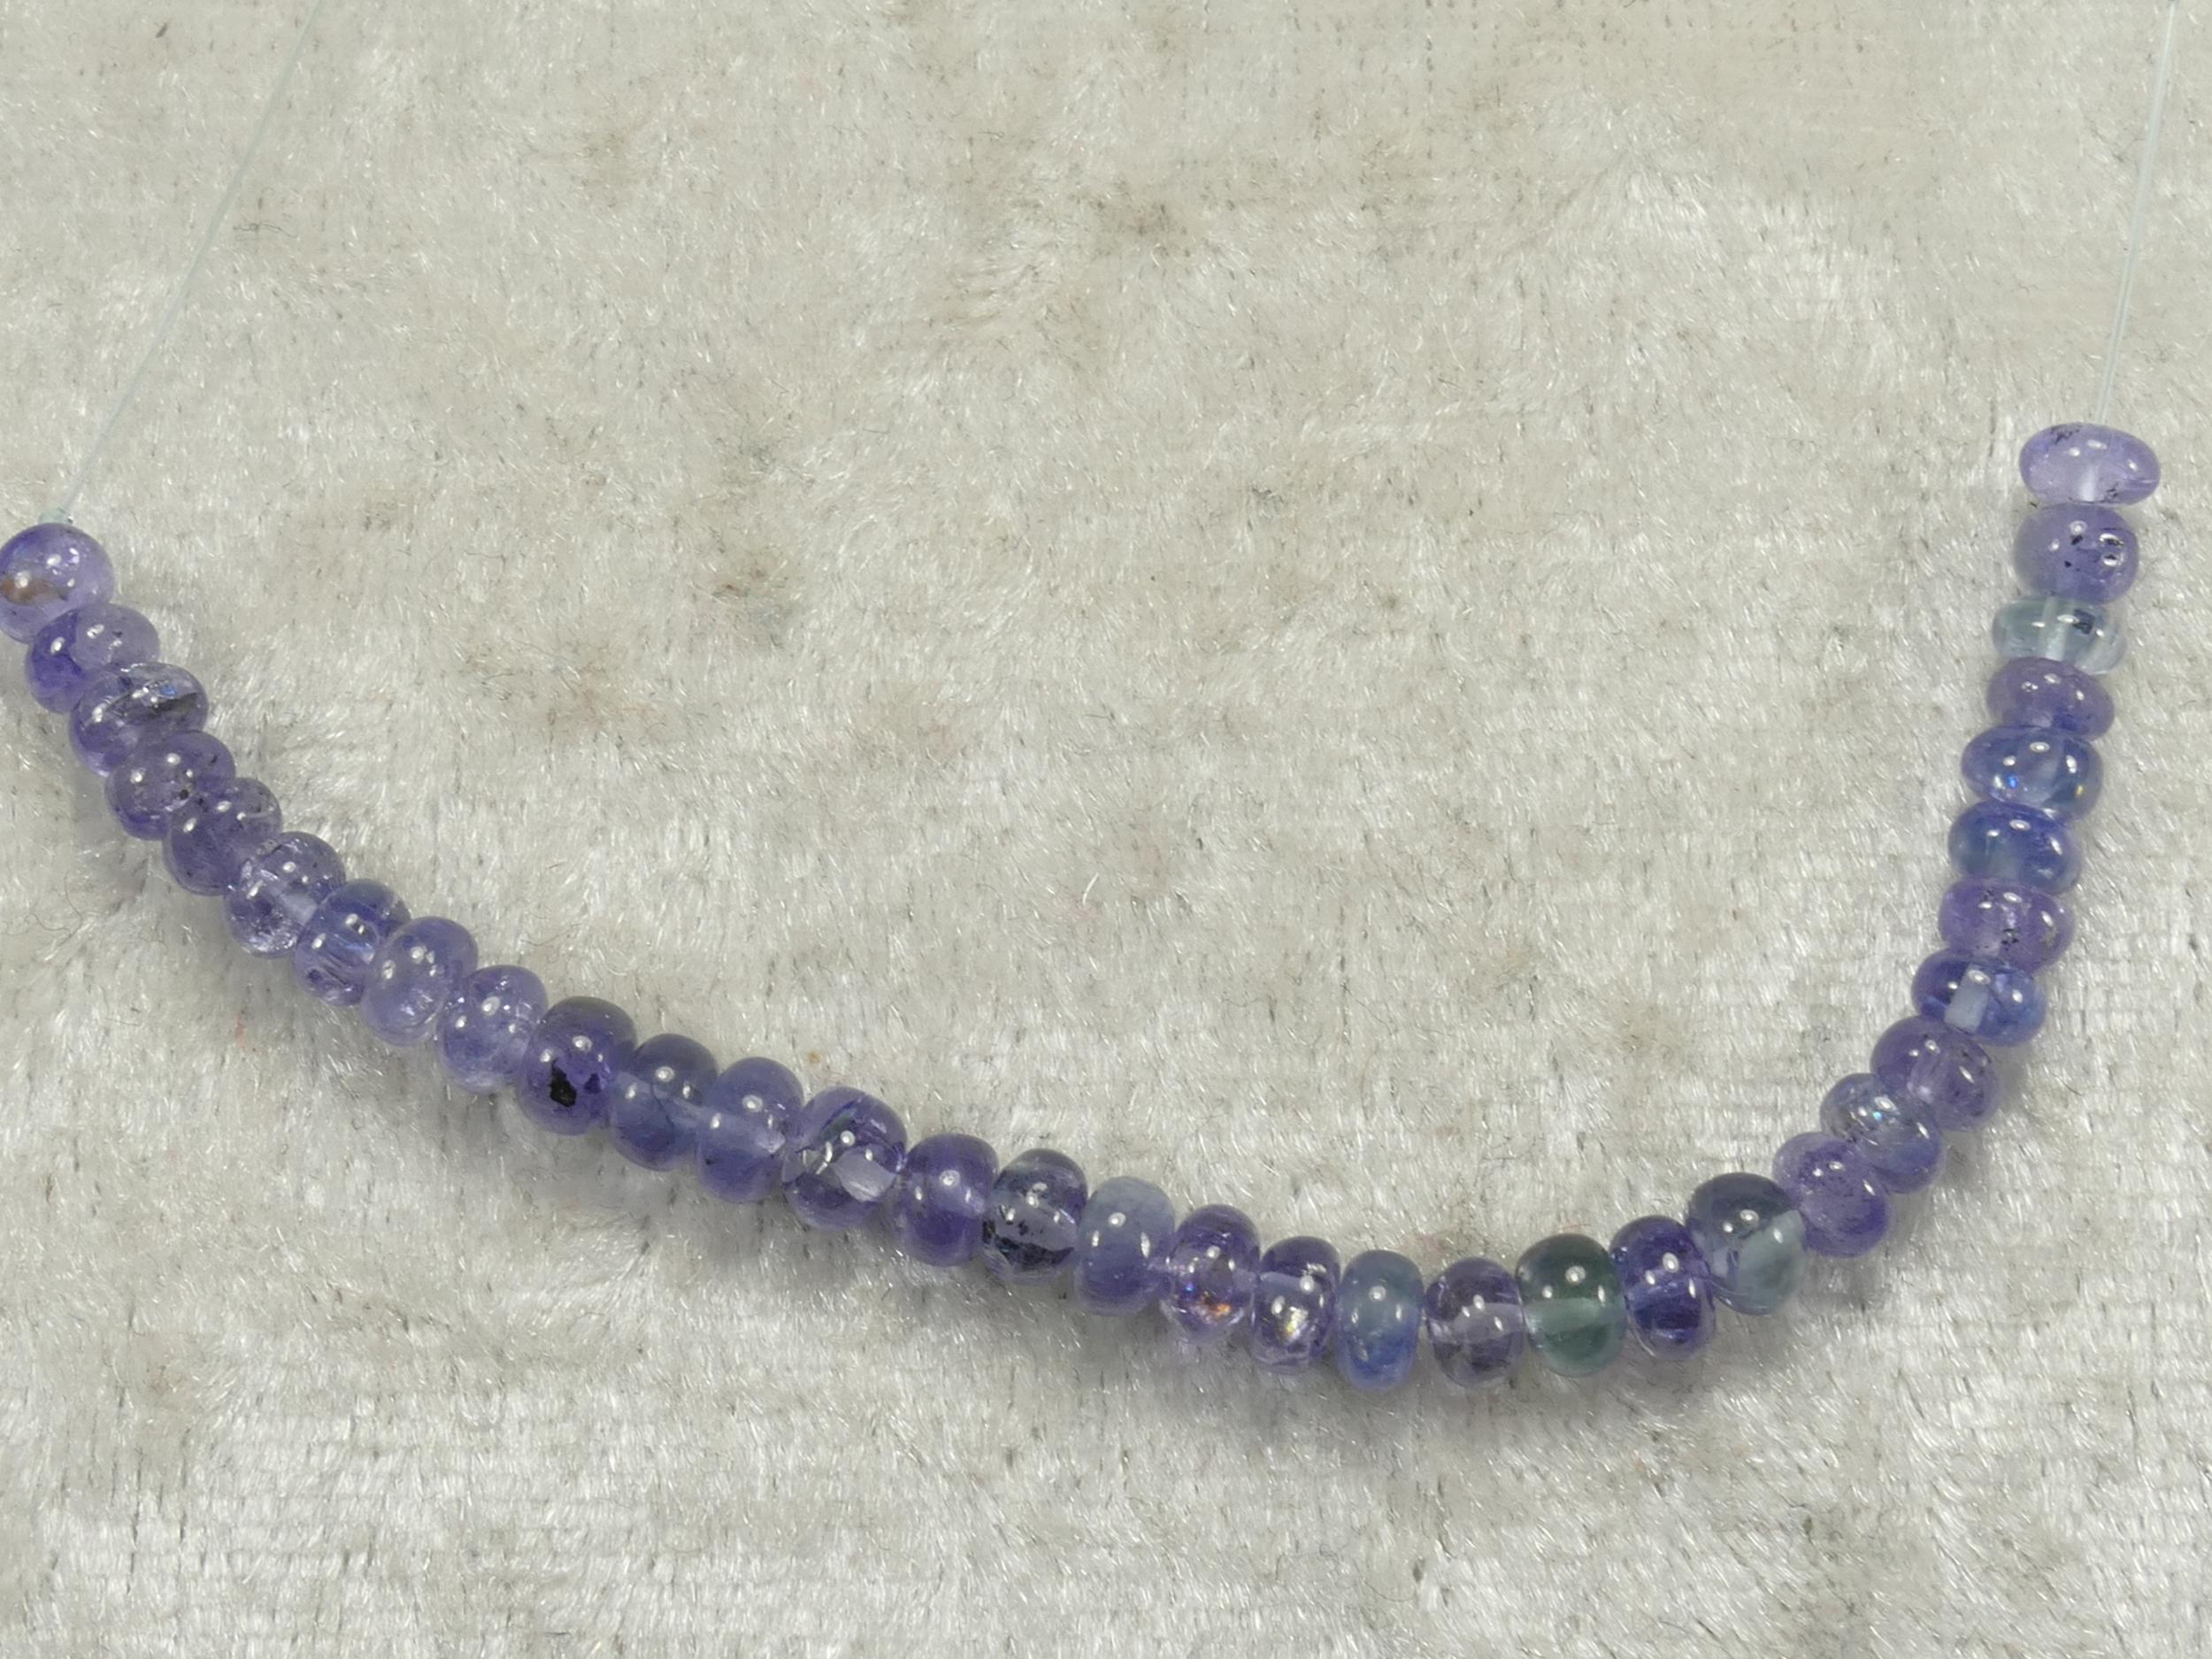 4/4.3mm Perles de Tanzanite naturelle en rondelle lisse bleu violet 8.5cm (3.34inch) (#PK813)